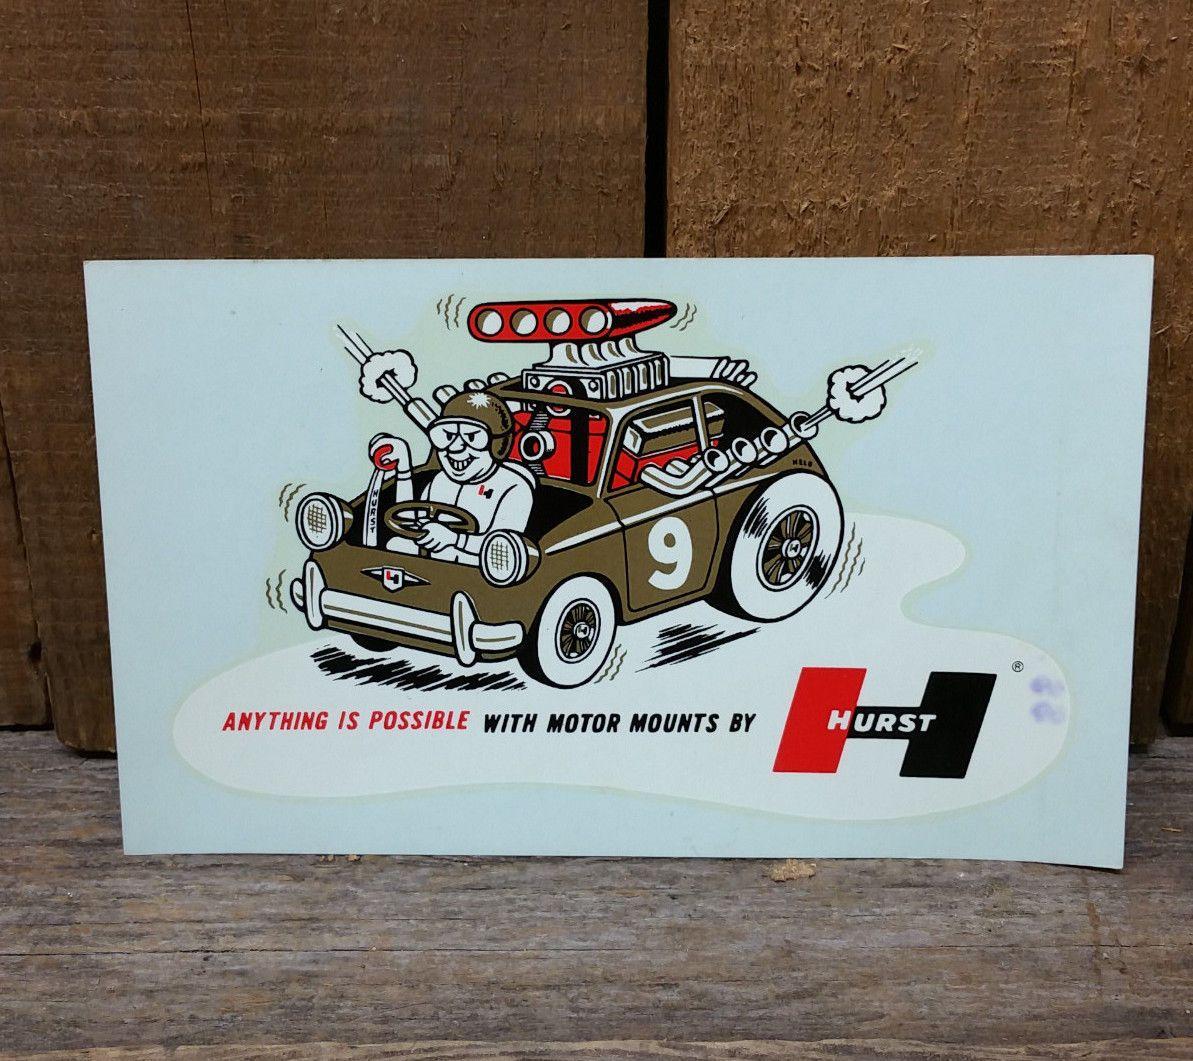 Vintage Hurst Motor Mount Decal Rat Hot Rod Gasser Drag Racing Altered Abarth Hot Rods Vintage Decals